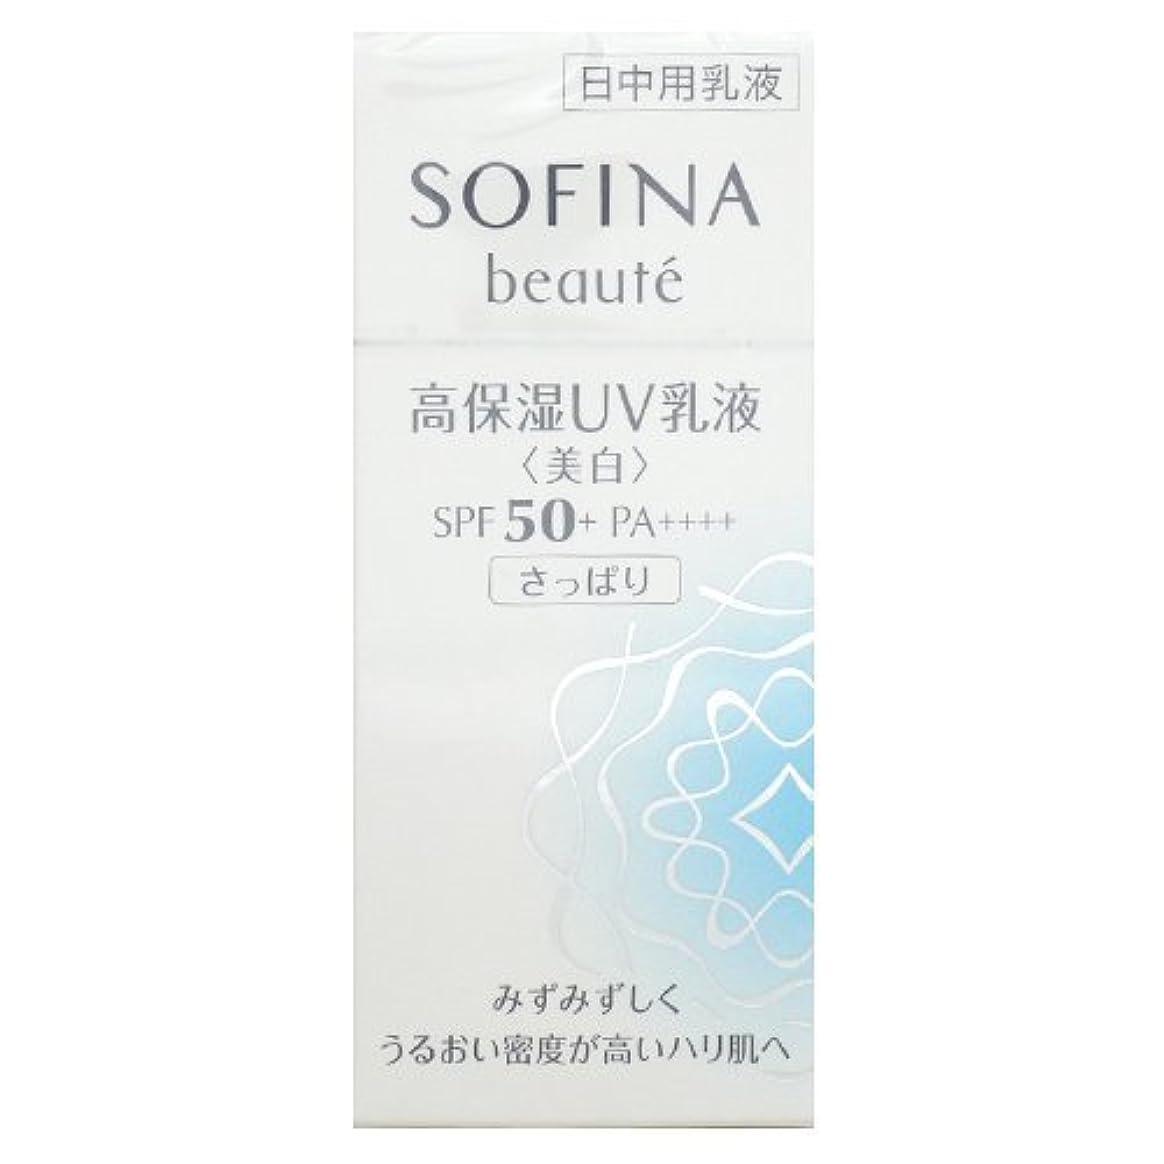 覗く検査官ぐったり花王 ソフィーナ ボーテ SOFINA beaute 高保湿UV乳液 美白 SPF50+ PA++++ さっぱり 30mL [並行輸入品]